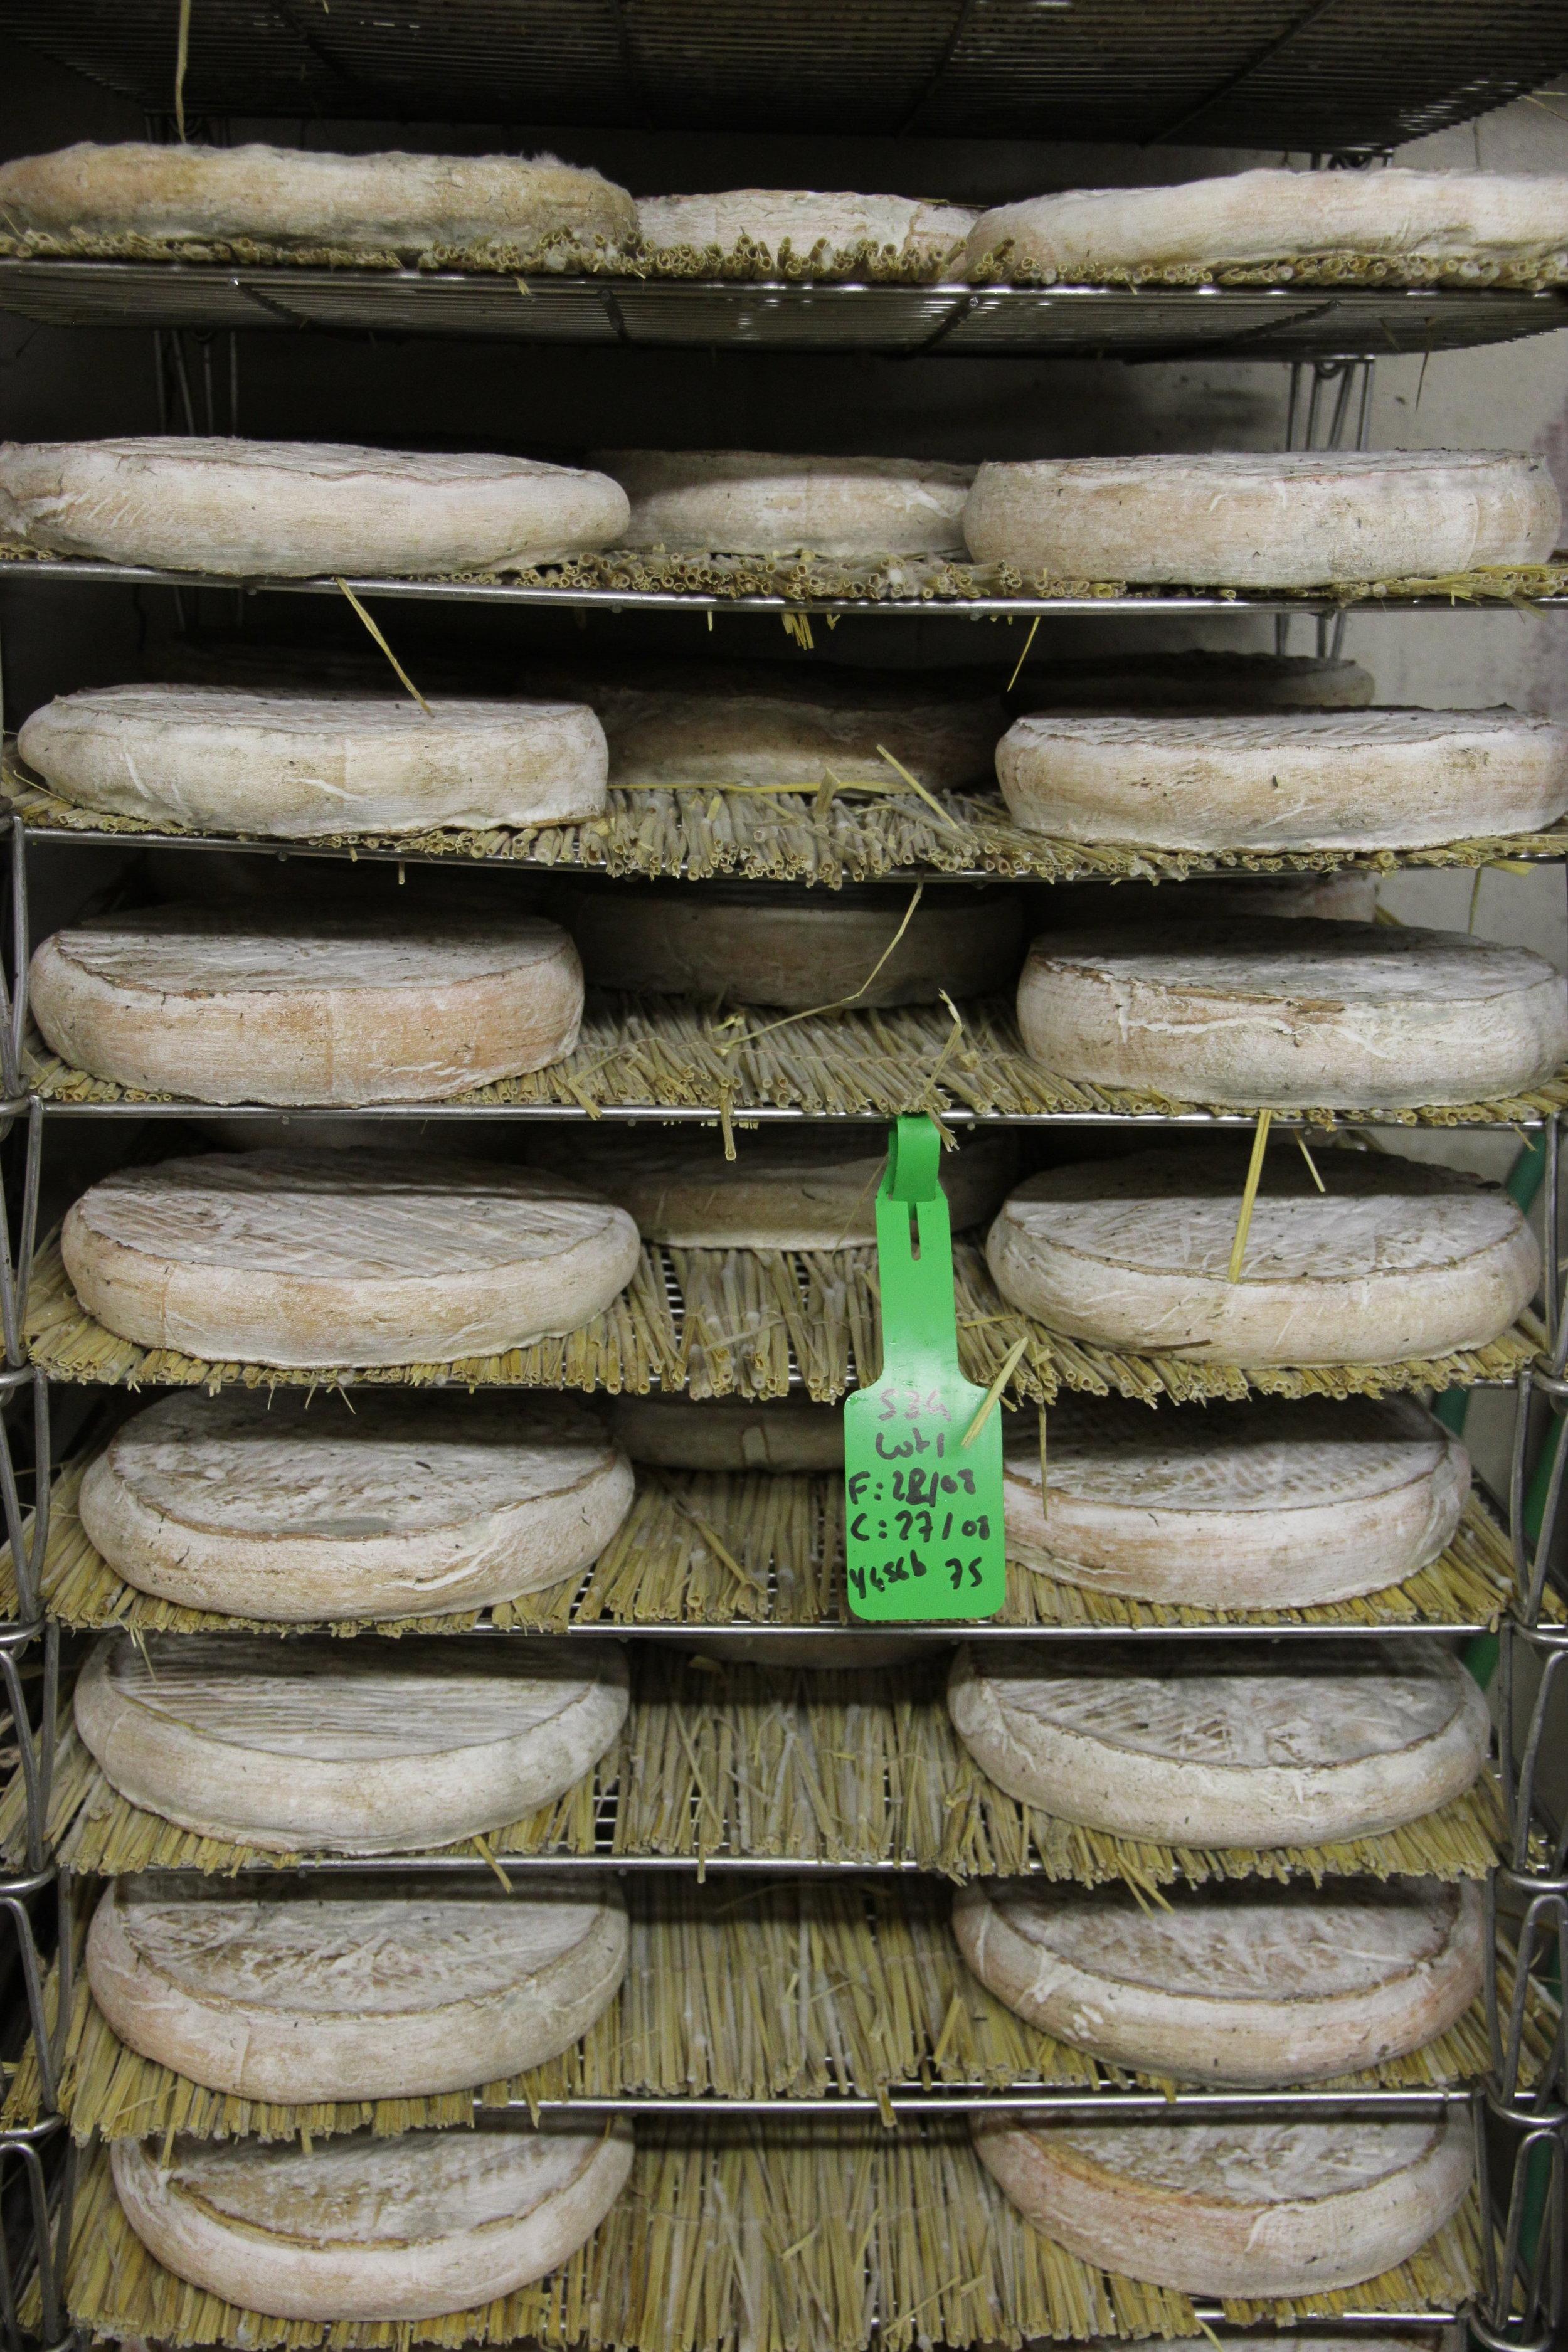 Les St Nectaires en cave. Ceux-ci sont retenus par le fermier et sa femme pour leur propre consommation ou vente. Ils ont environ 3 semaines.